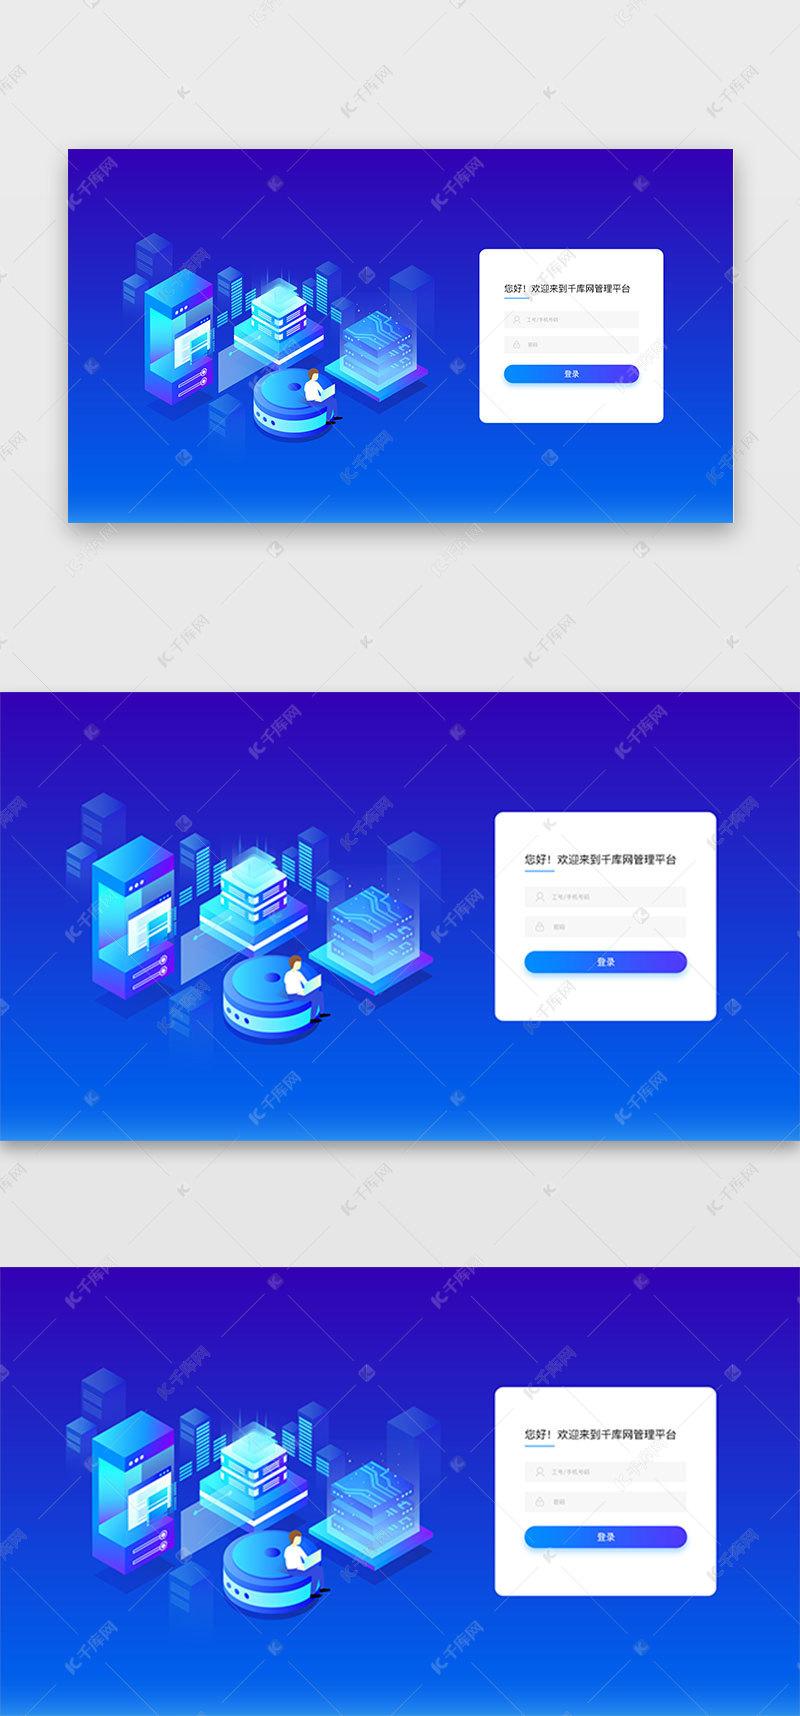 界面互联网蓝色弯矩v界面科技ui设计素材-千后台图绘制图片